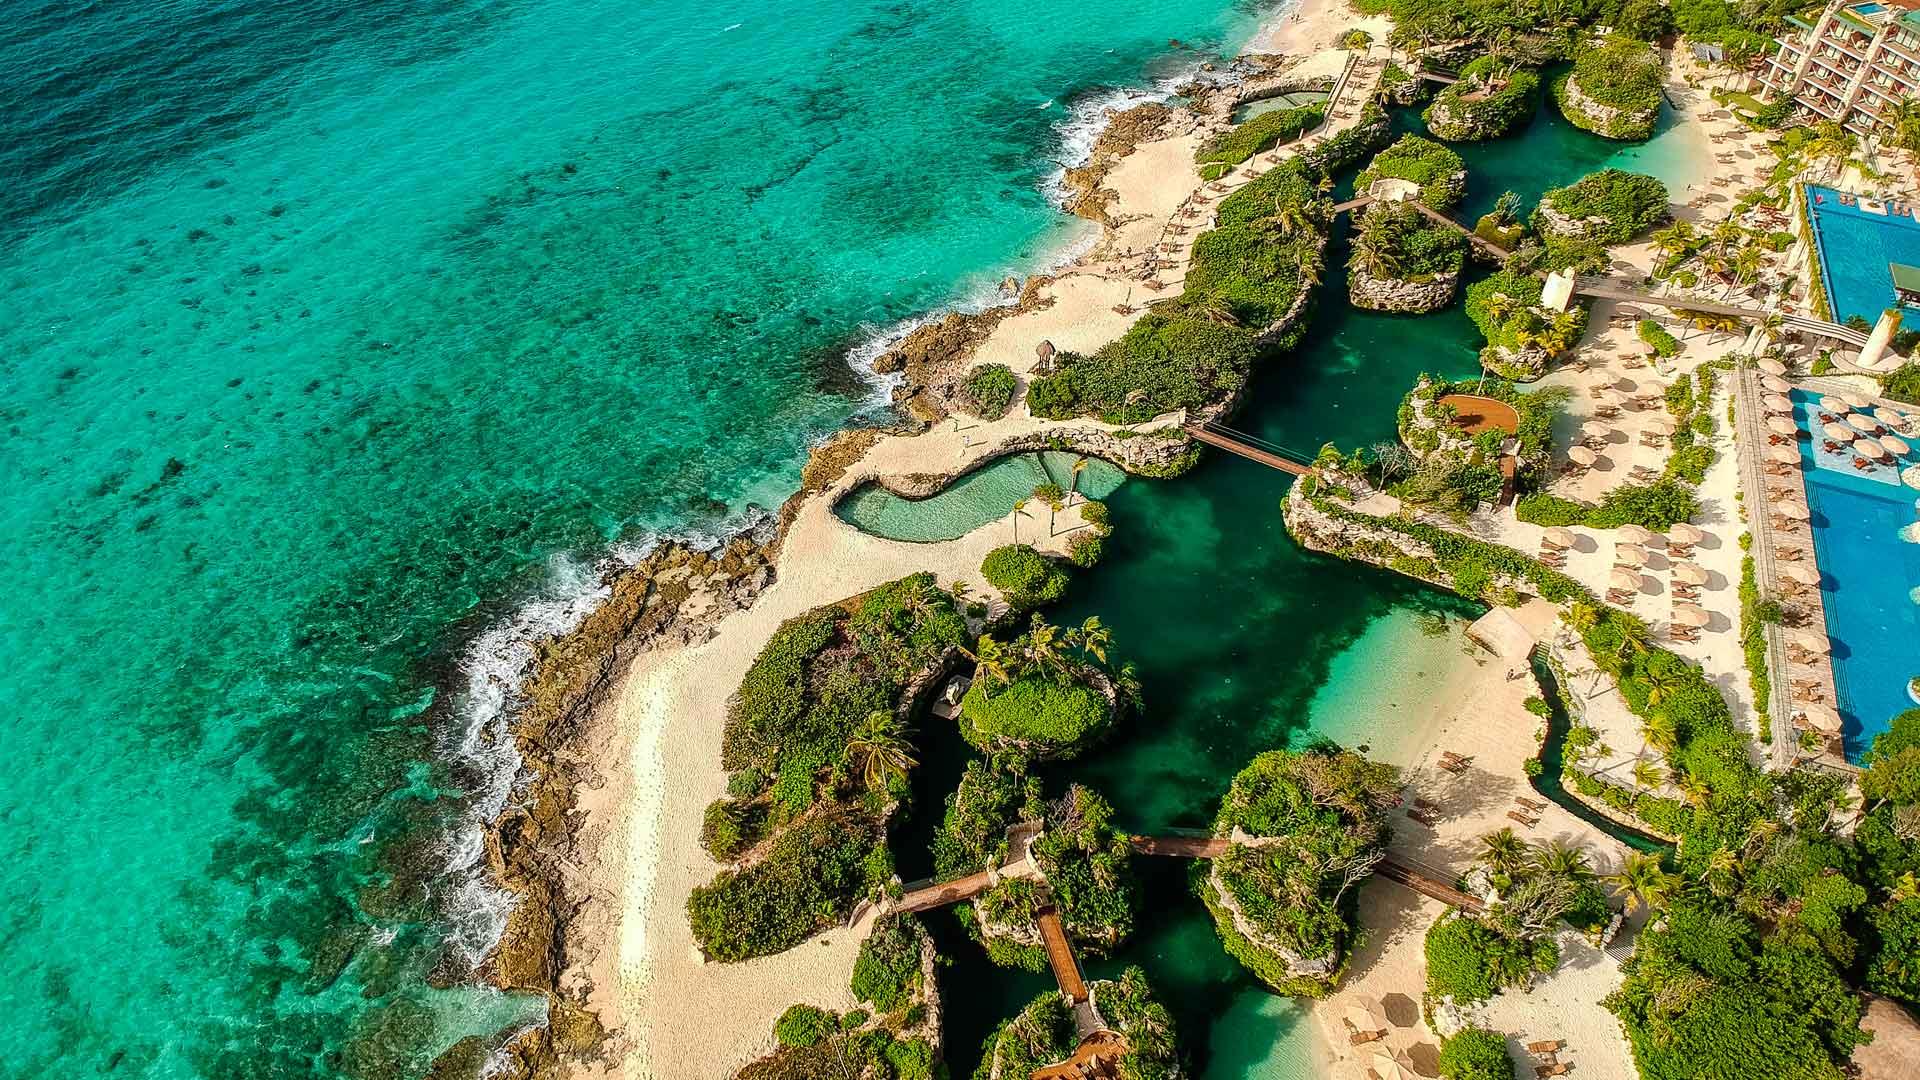 Hotel Xcaret México: 12 experiencias de lujo y naturaleza